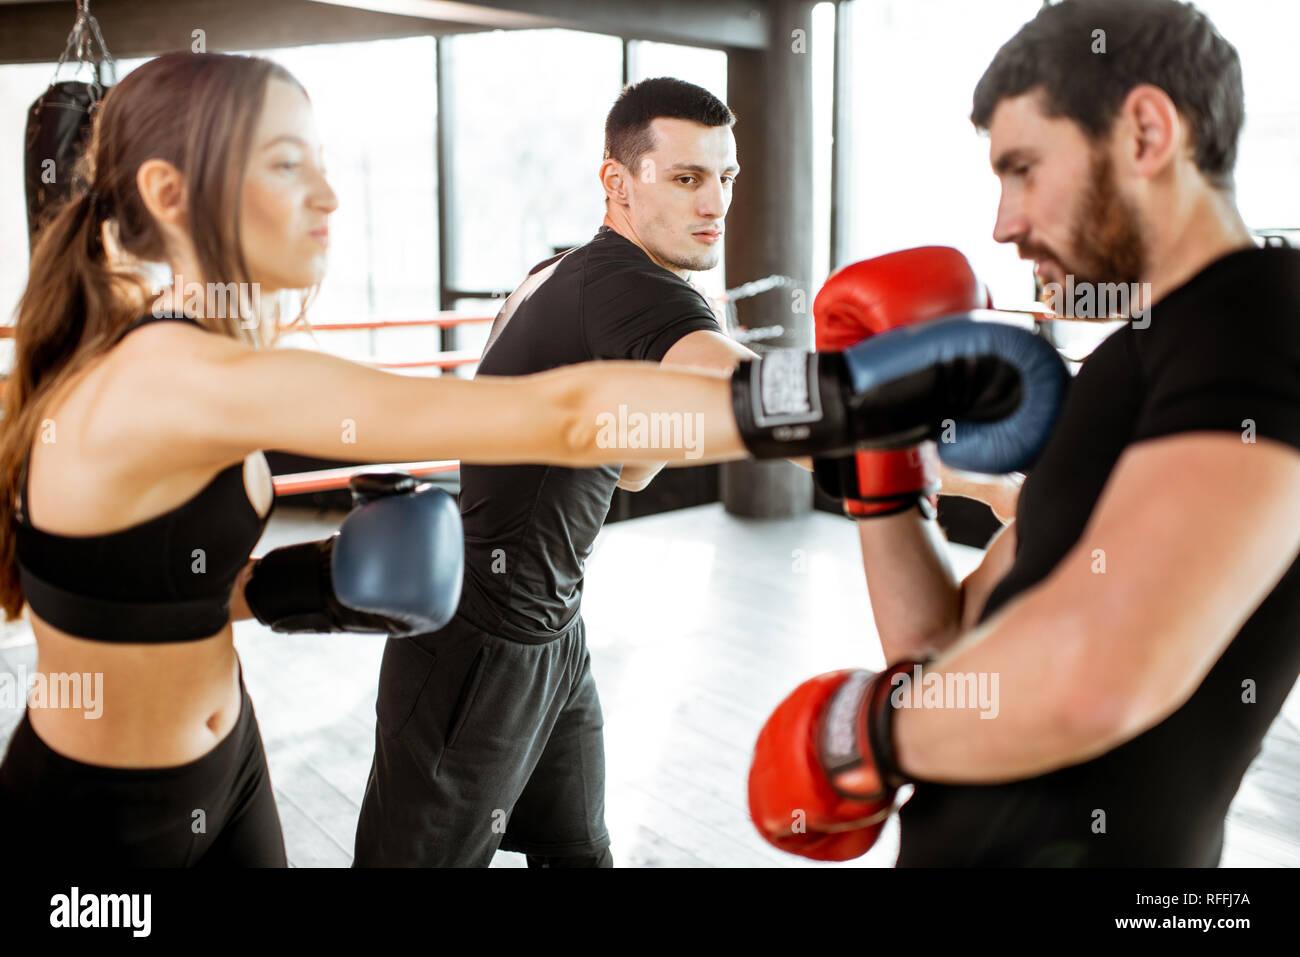 El hombre y la mujer capacitación para caja con entrenador personal en el cuadrilátero de boxeo en el gimnasio Foto de stock